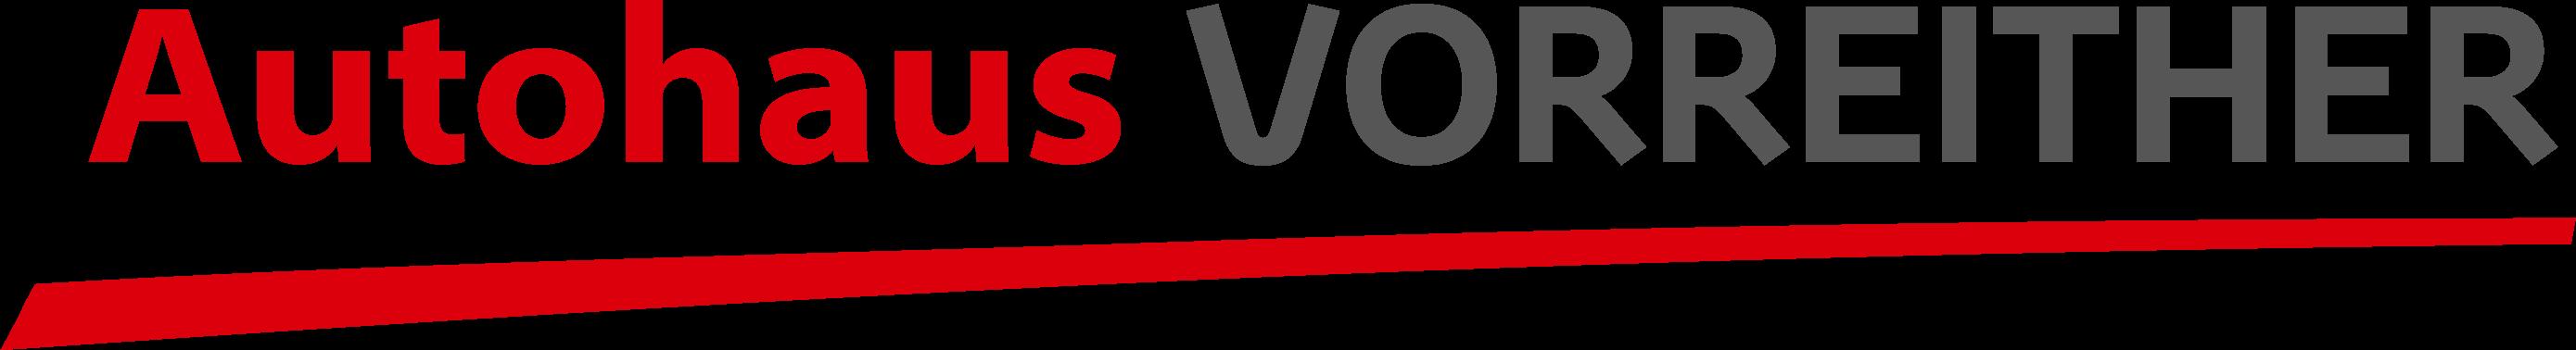 Bruno Vorreither GmbH